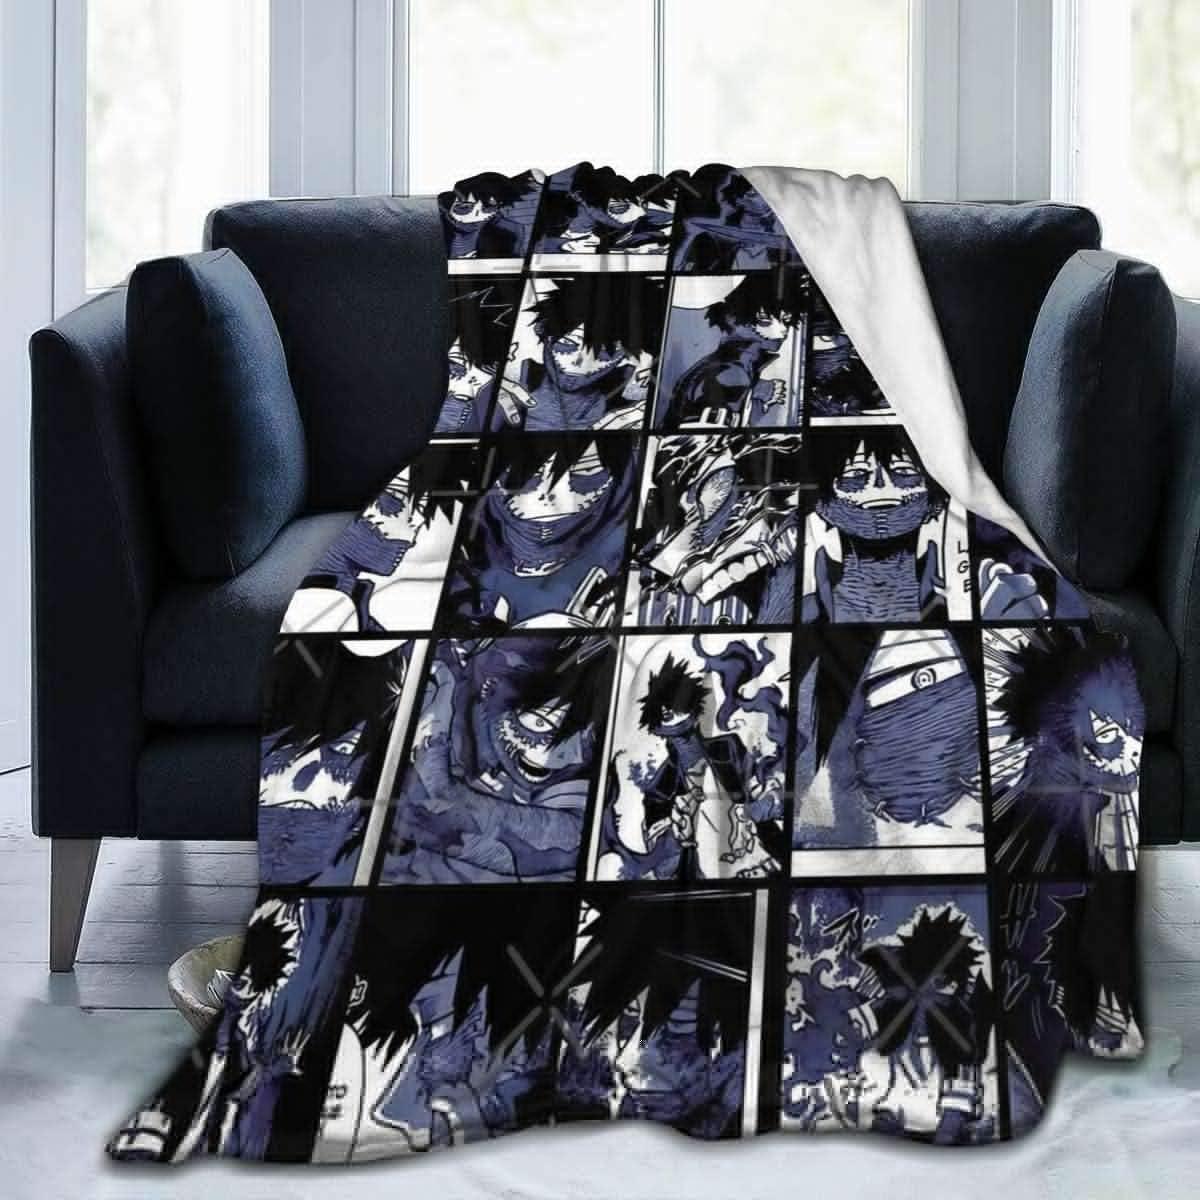 Blanket Cartoon Kids Plush Throw Flannel Under Rare blast sales Soft Fuzzy Warm